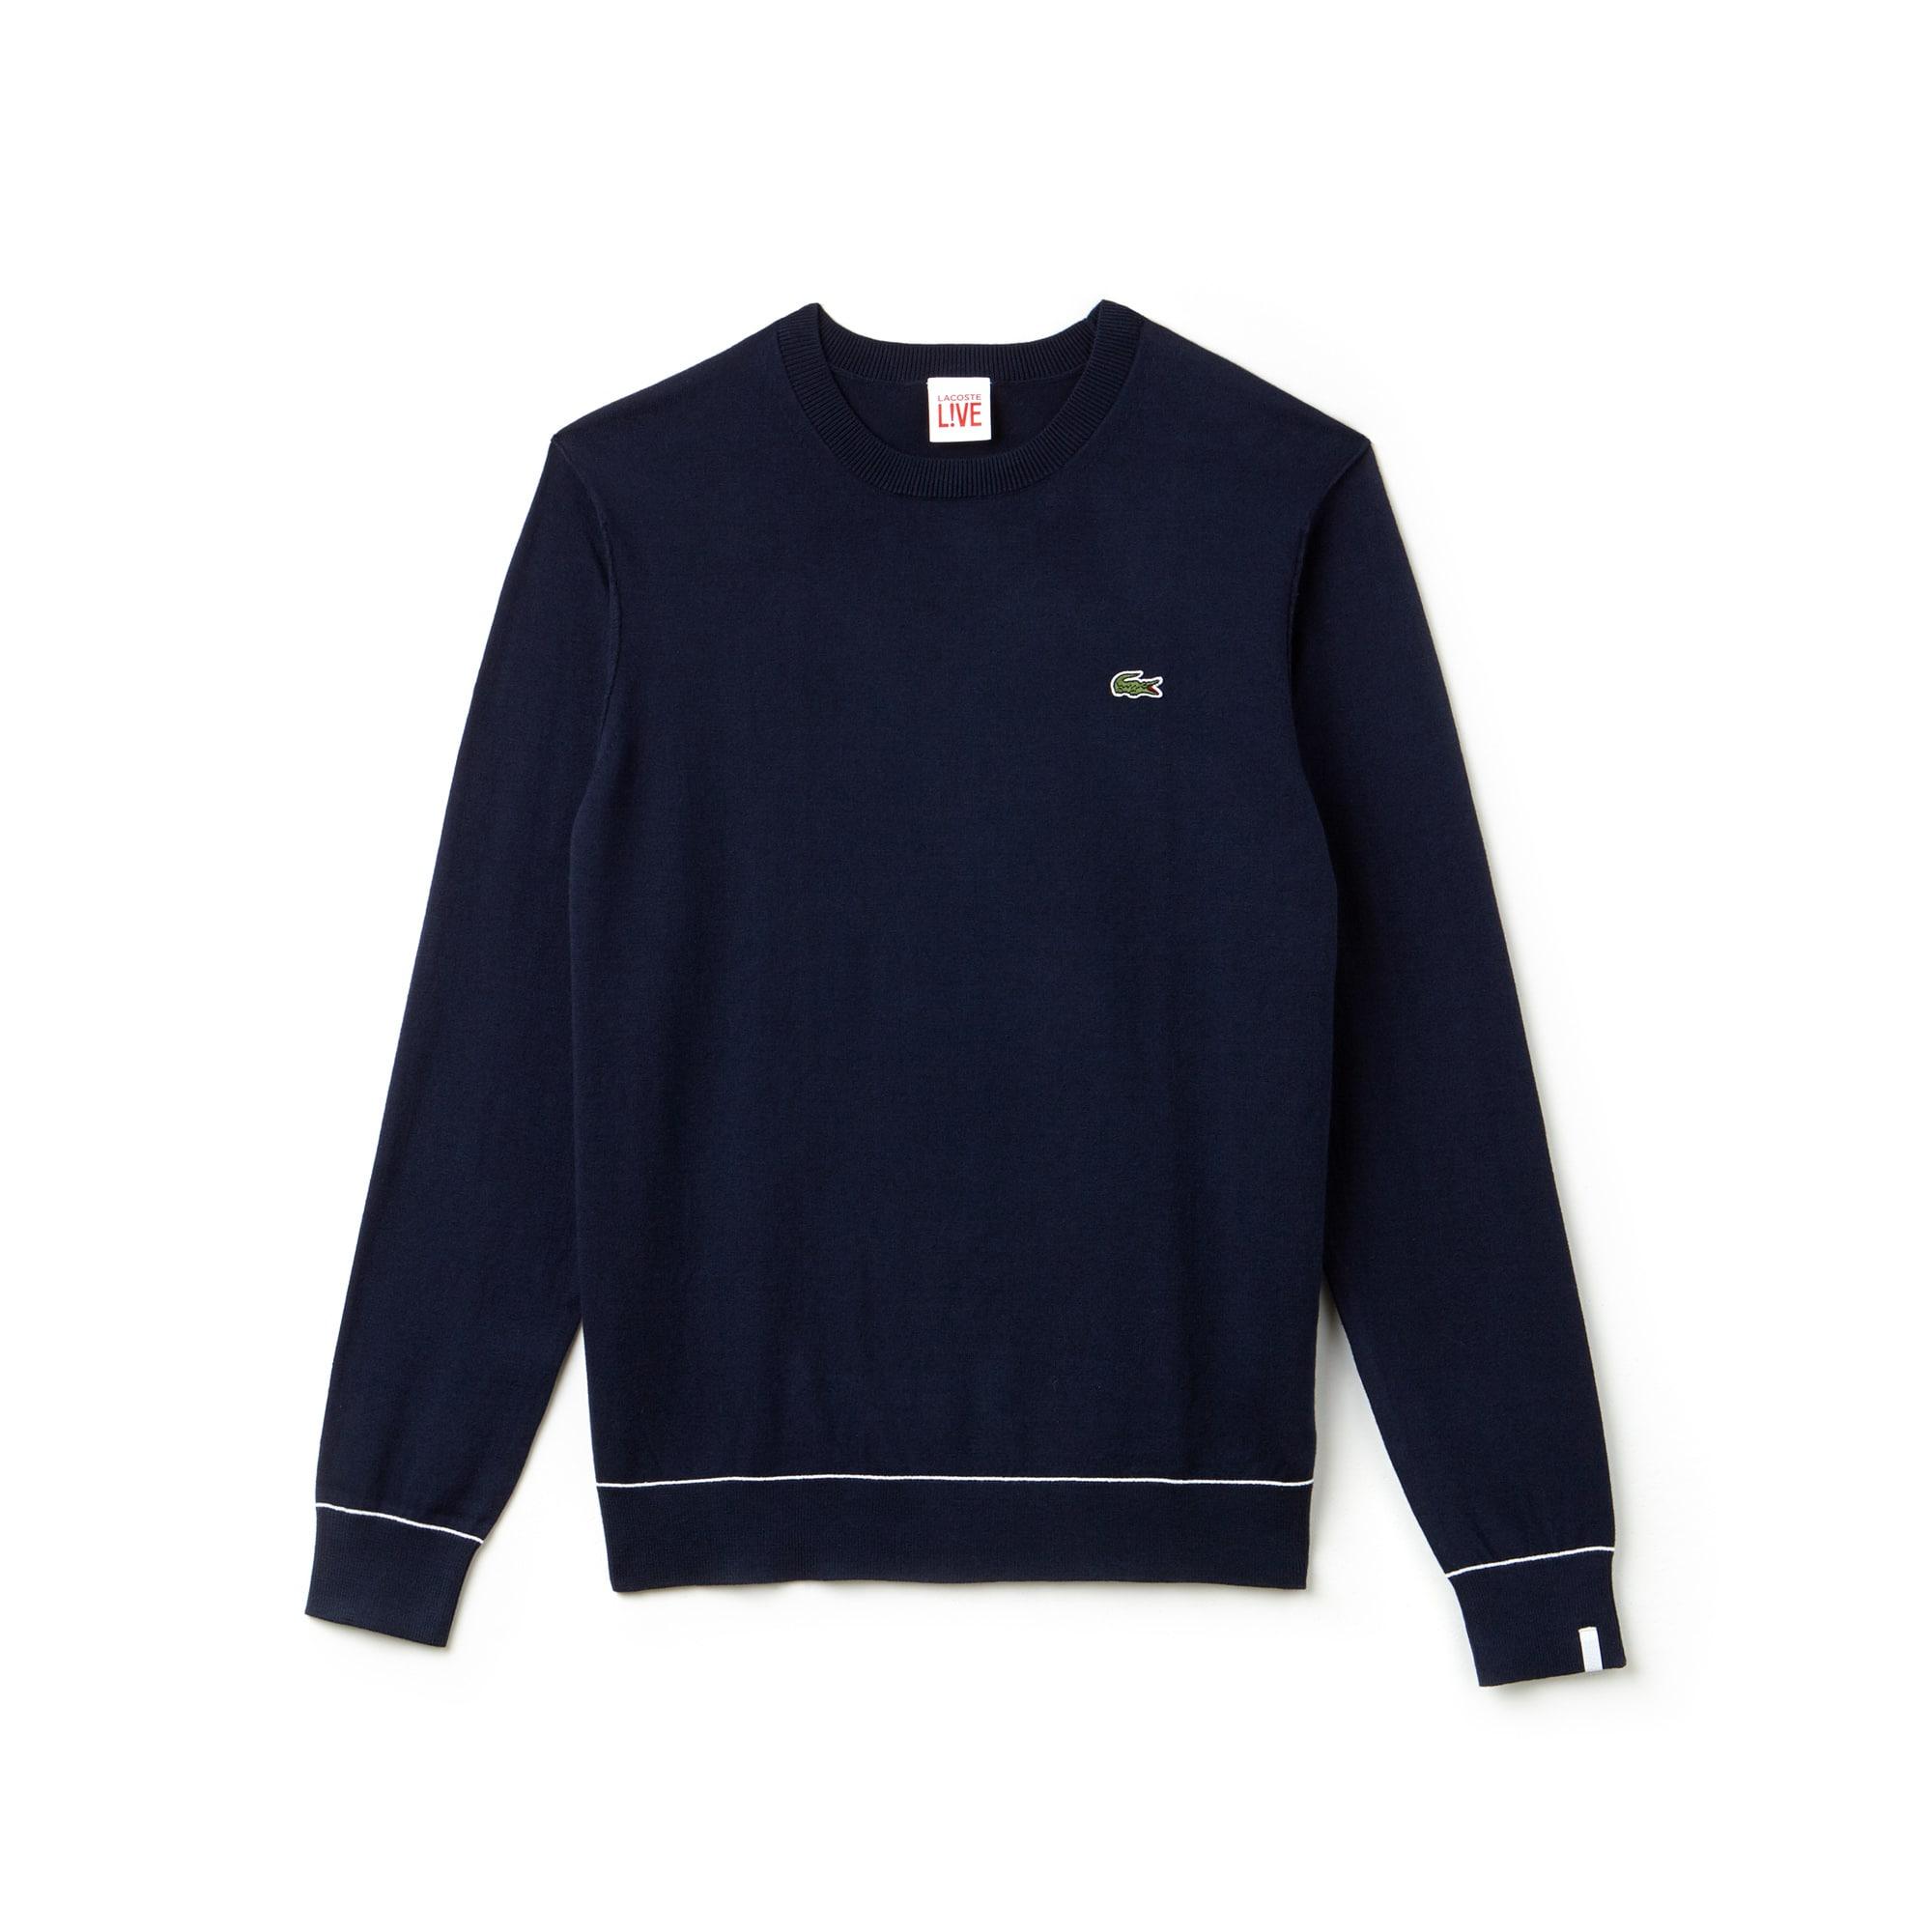 Camisola com decote redondo Lacoste LIVE em jersey de algodão e seda unicolor